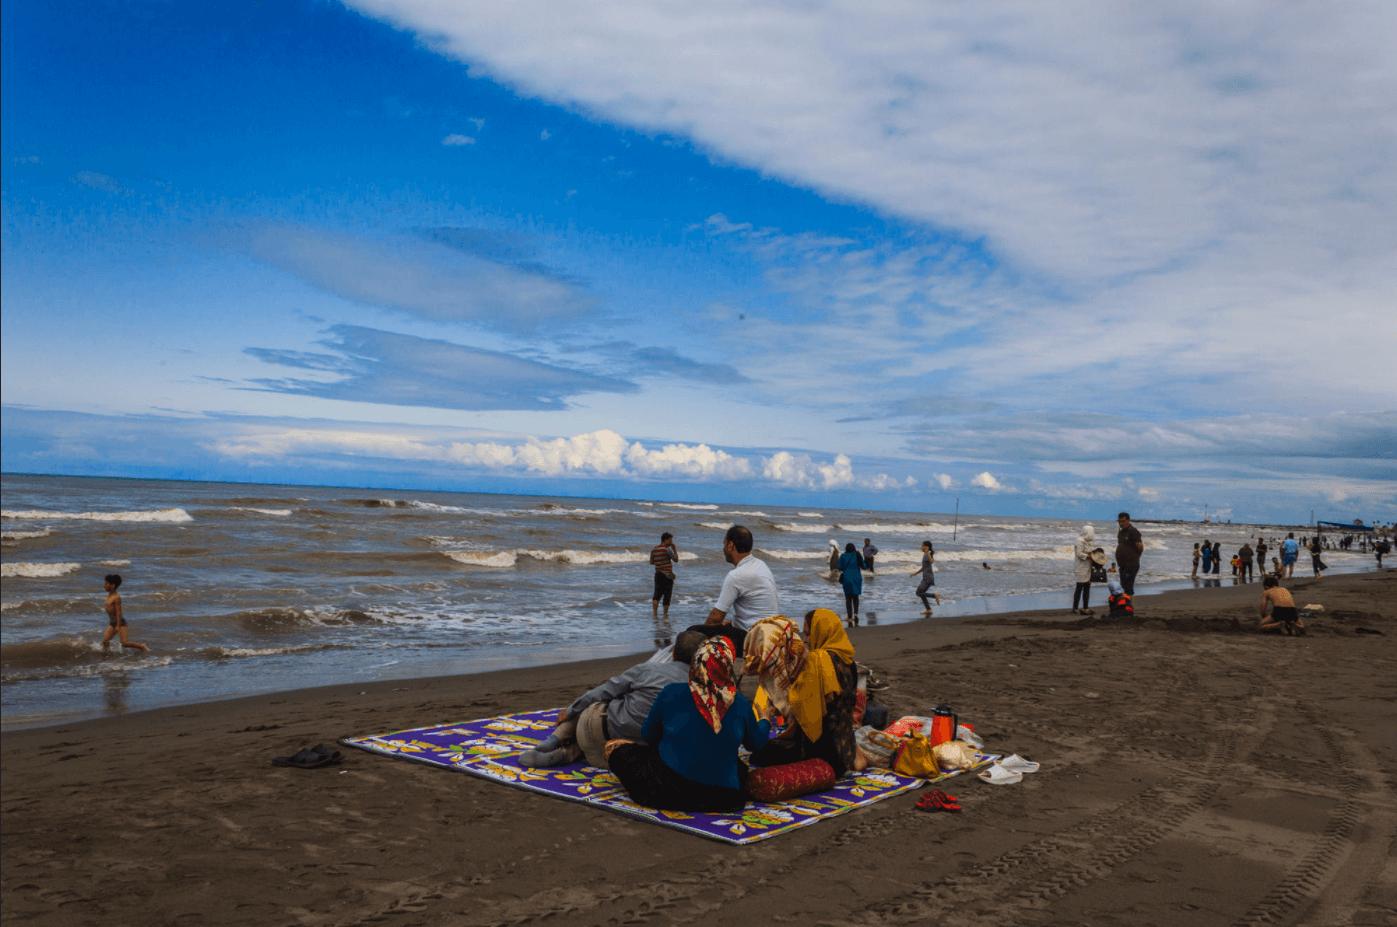 بهترین ساحل نوشهر برای تفریح را بشناسید